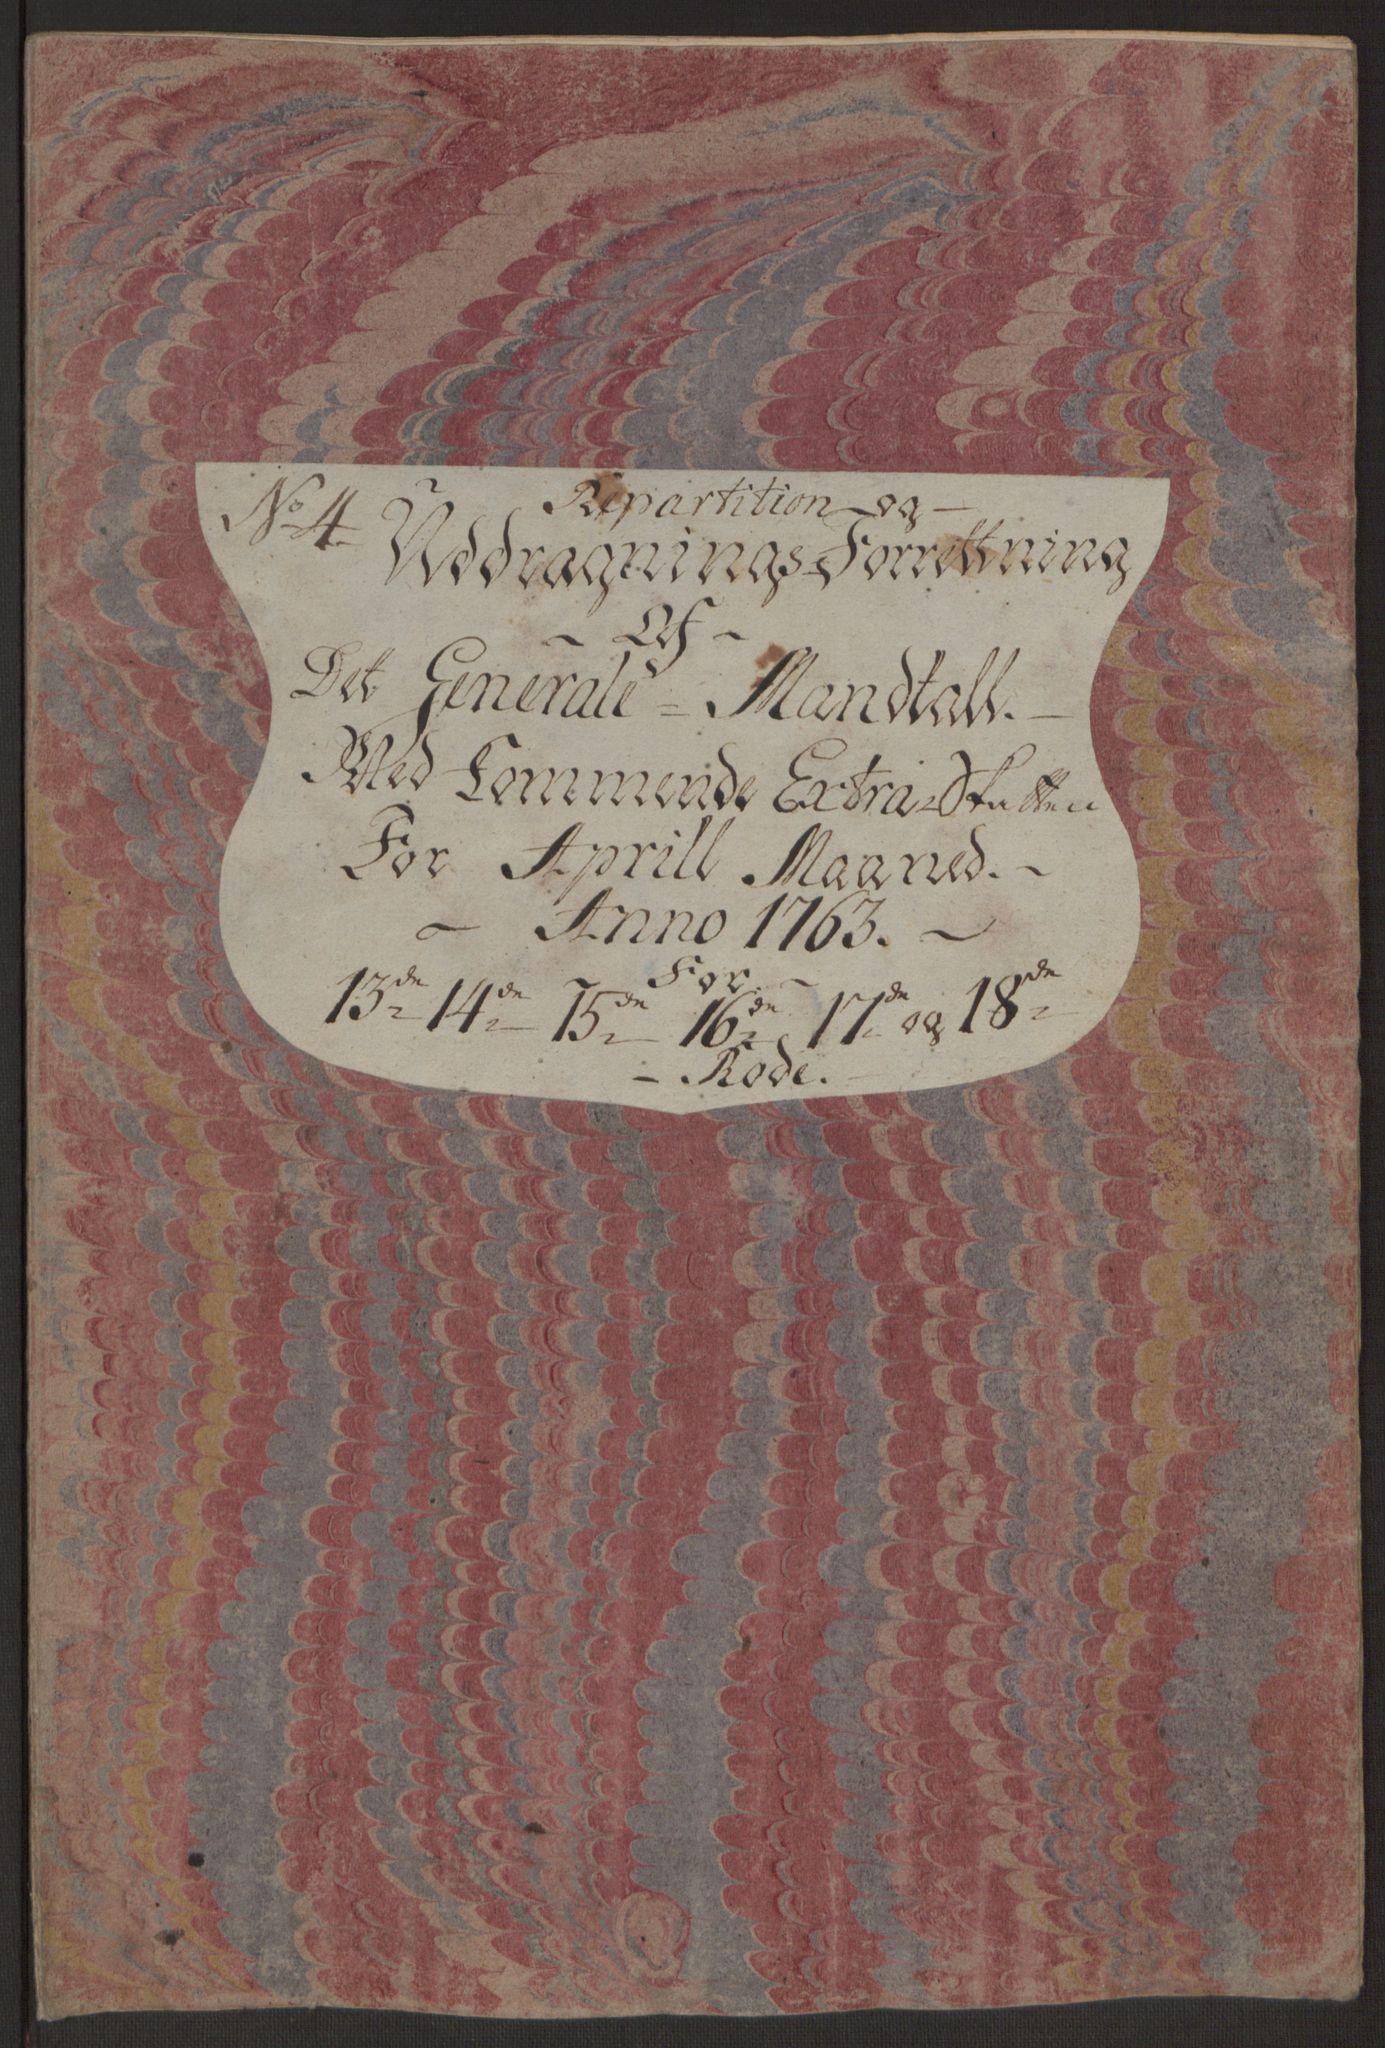 RA, Rentekammeret inntil 1814, Reviderte regnskaper, Byregnskaper, R/Rp/L0366: [P20] Kontribusjonsregnskap, 1763, s. 216